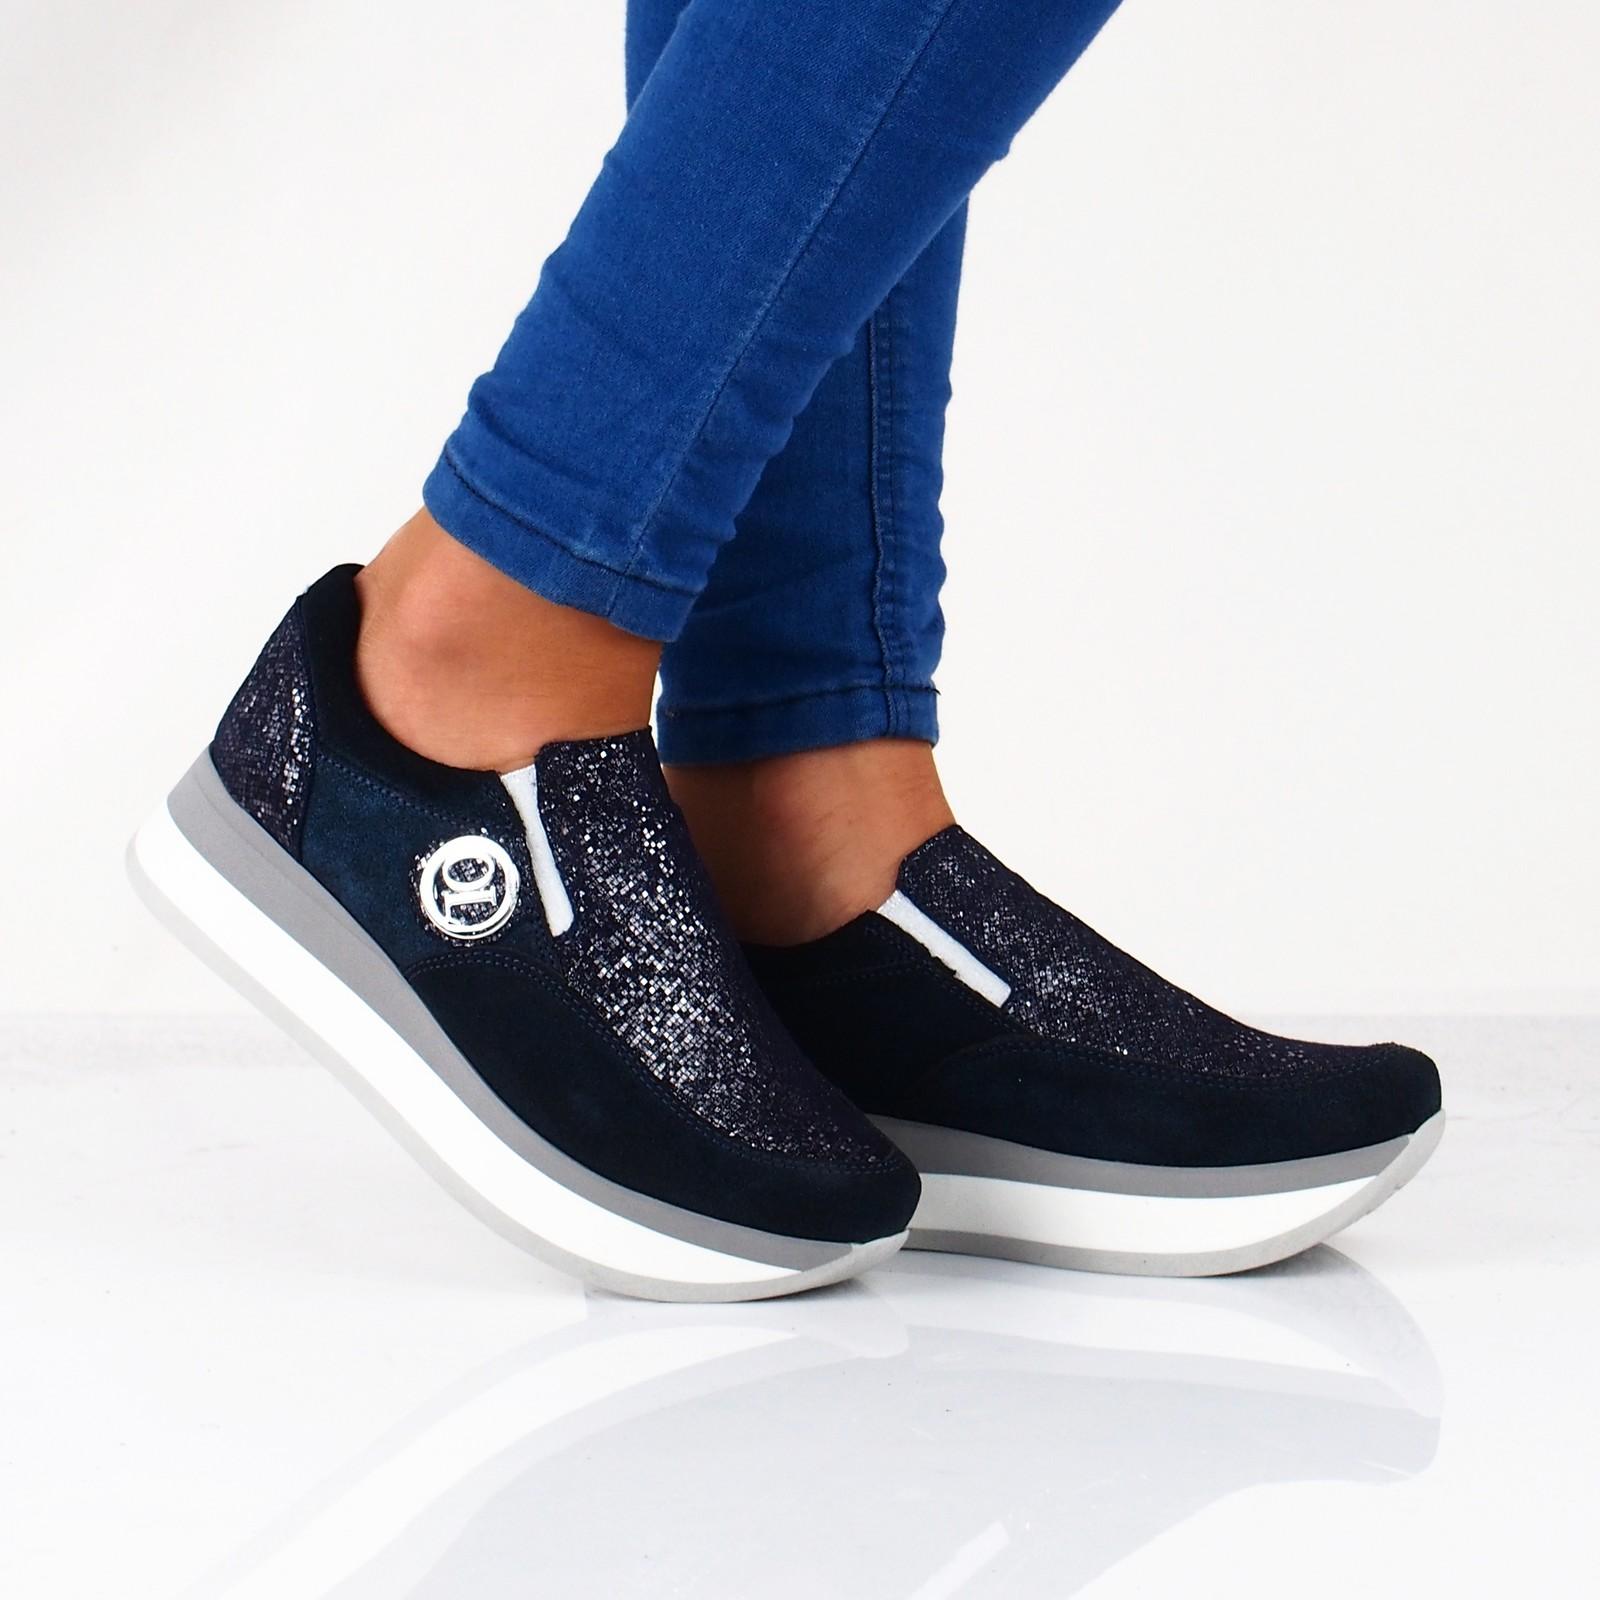 e83d238257e8 Olivia shoes dámske kožené poltopánky na platforme - tmavomodré ...